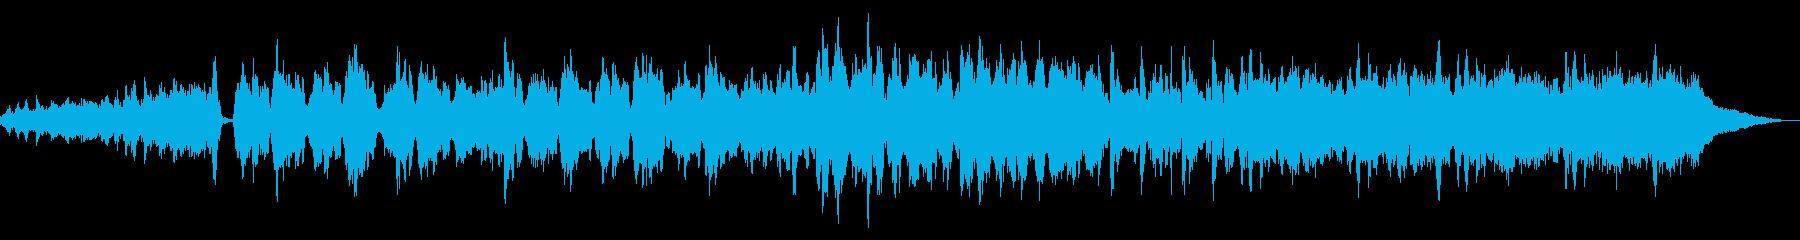 素敵に切ない静かなストリングスの再生済みの波形